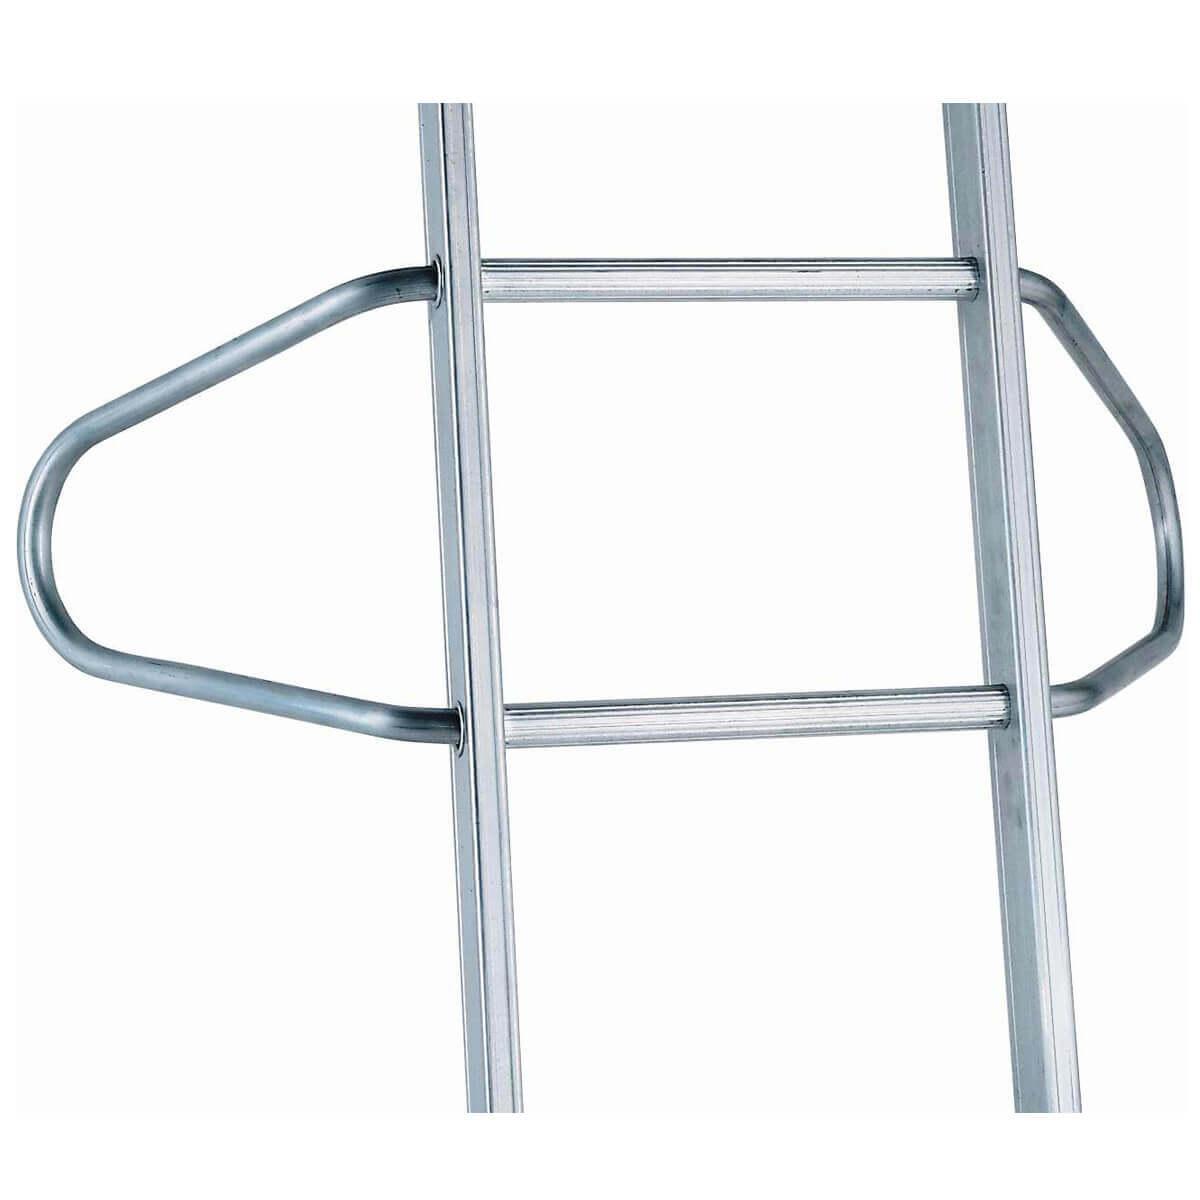 Aluminum Standoff